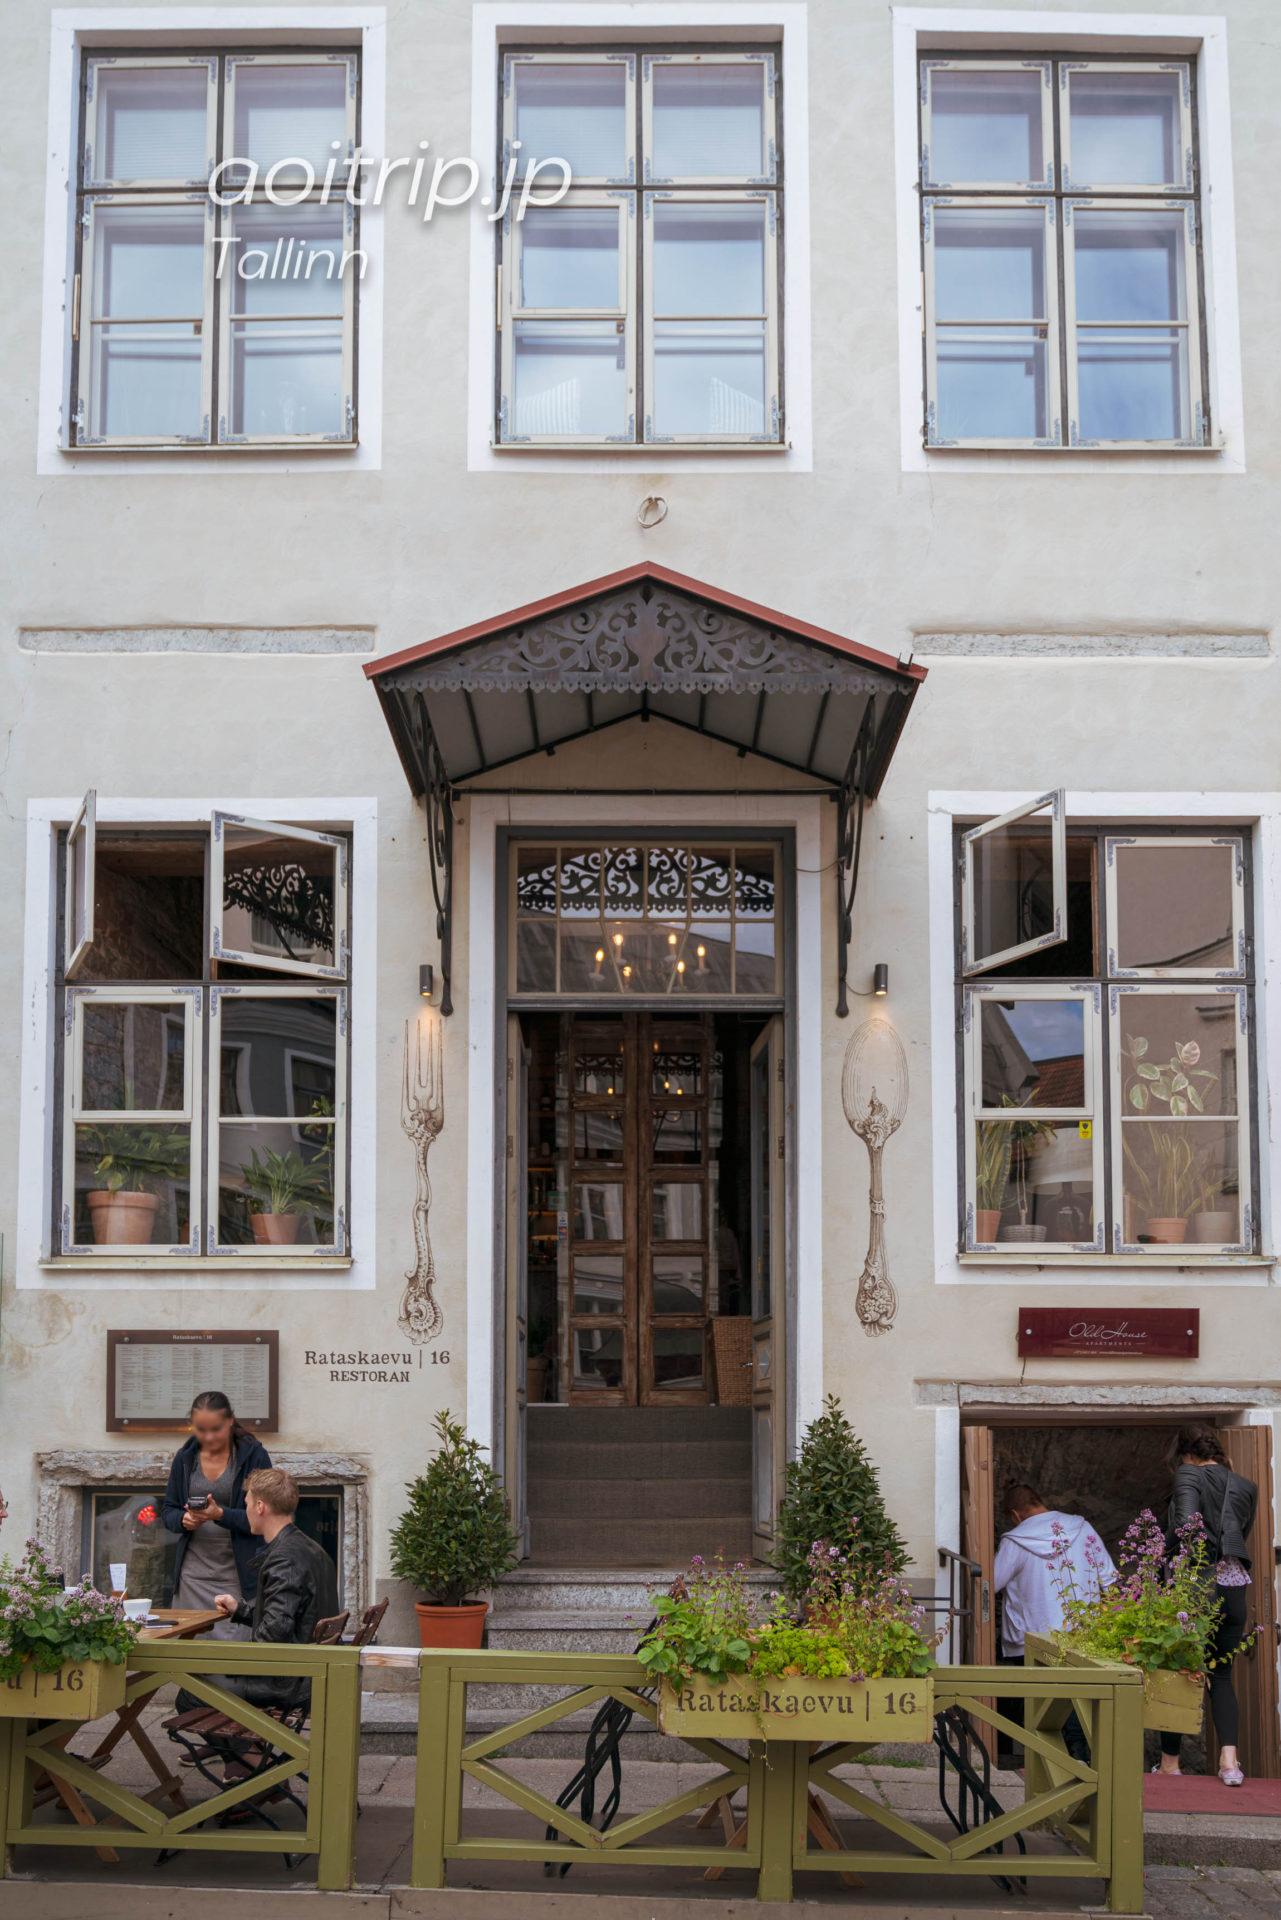 タリンのレストラン「Rataskaevu 16」